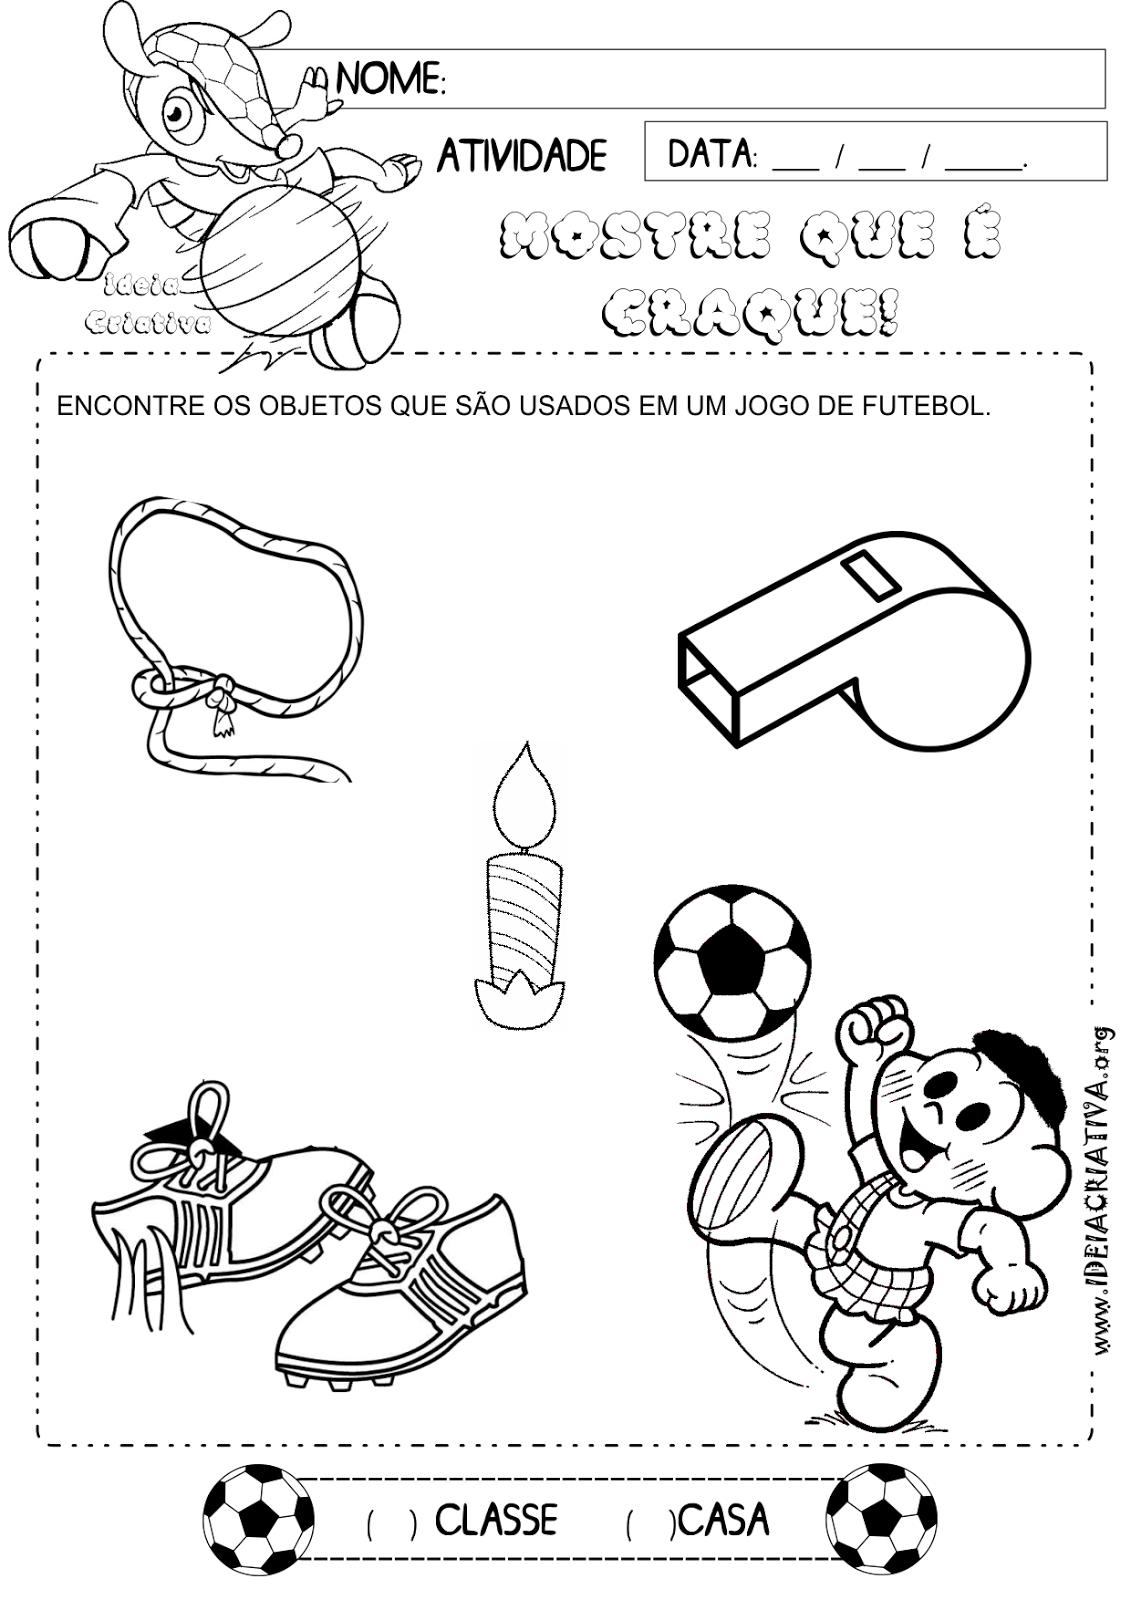 Atividade Copa do Mundo 2014 Encontrando Objetos